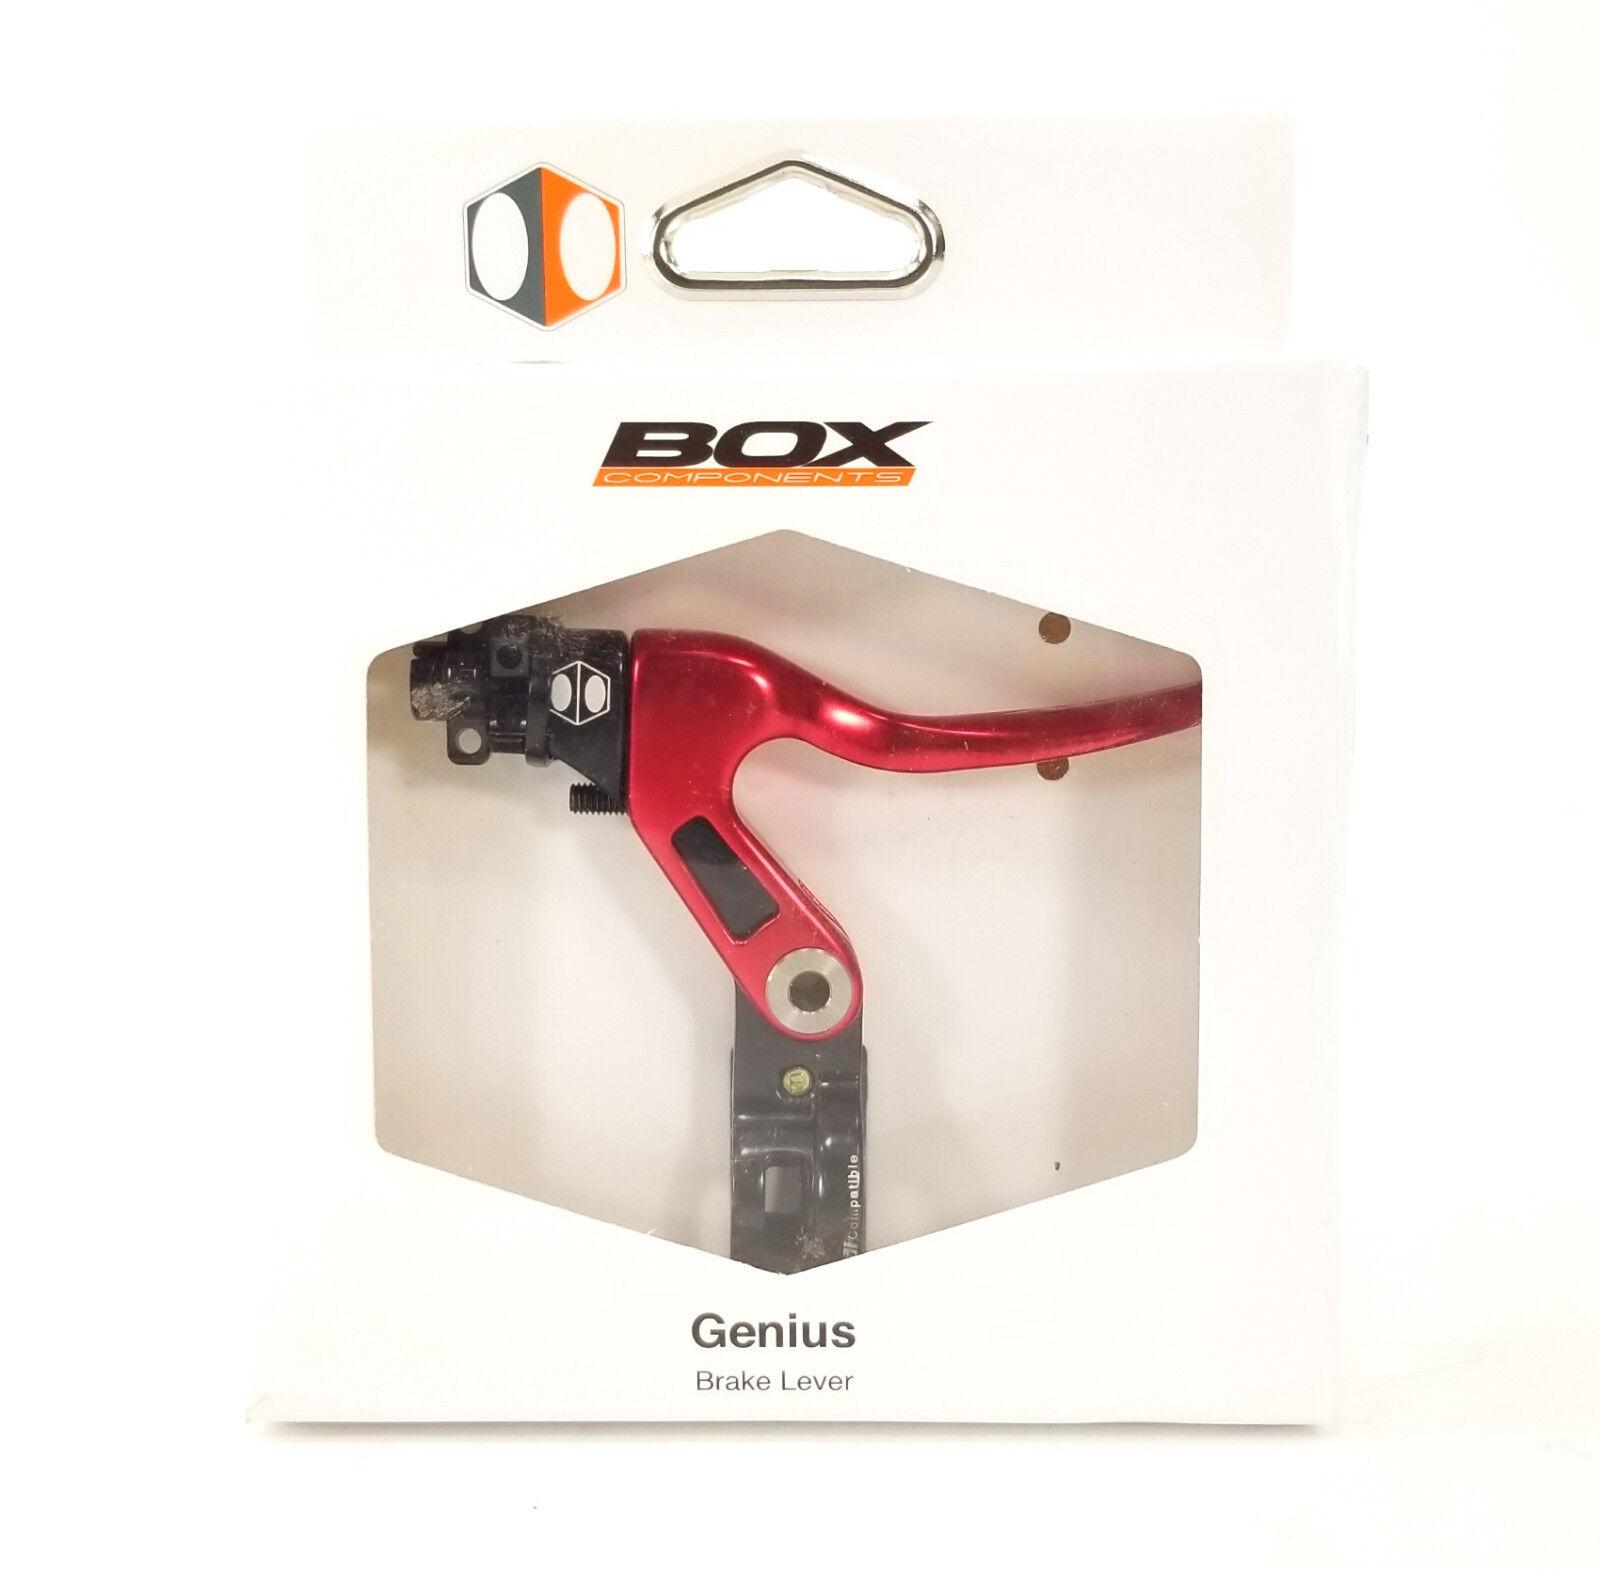 Caja Genio Corto Palanca De Freno (Rojo) BX-BL 130 Dimn-RD